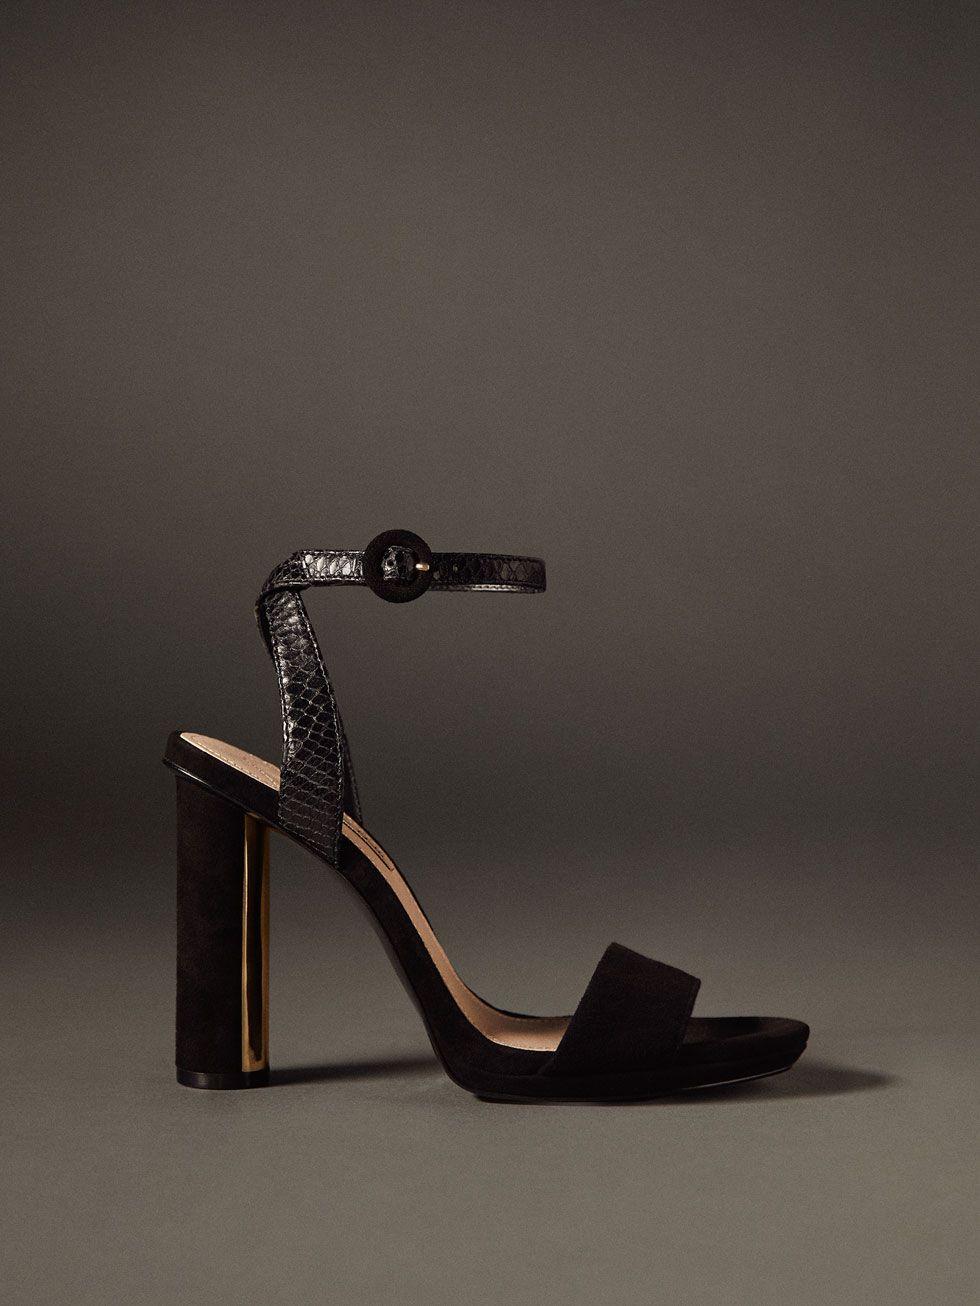 Tacón Sandalia Negro Piel De Laminado Zapatos Todo Mujer Ver dxohCtQrsB